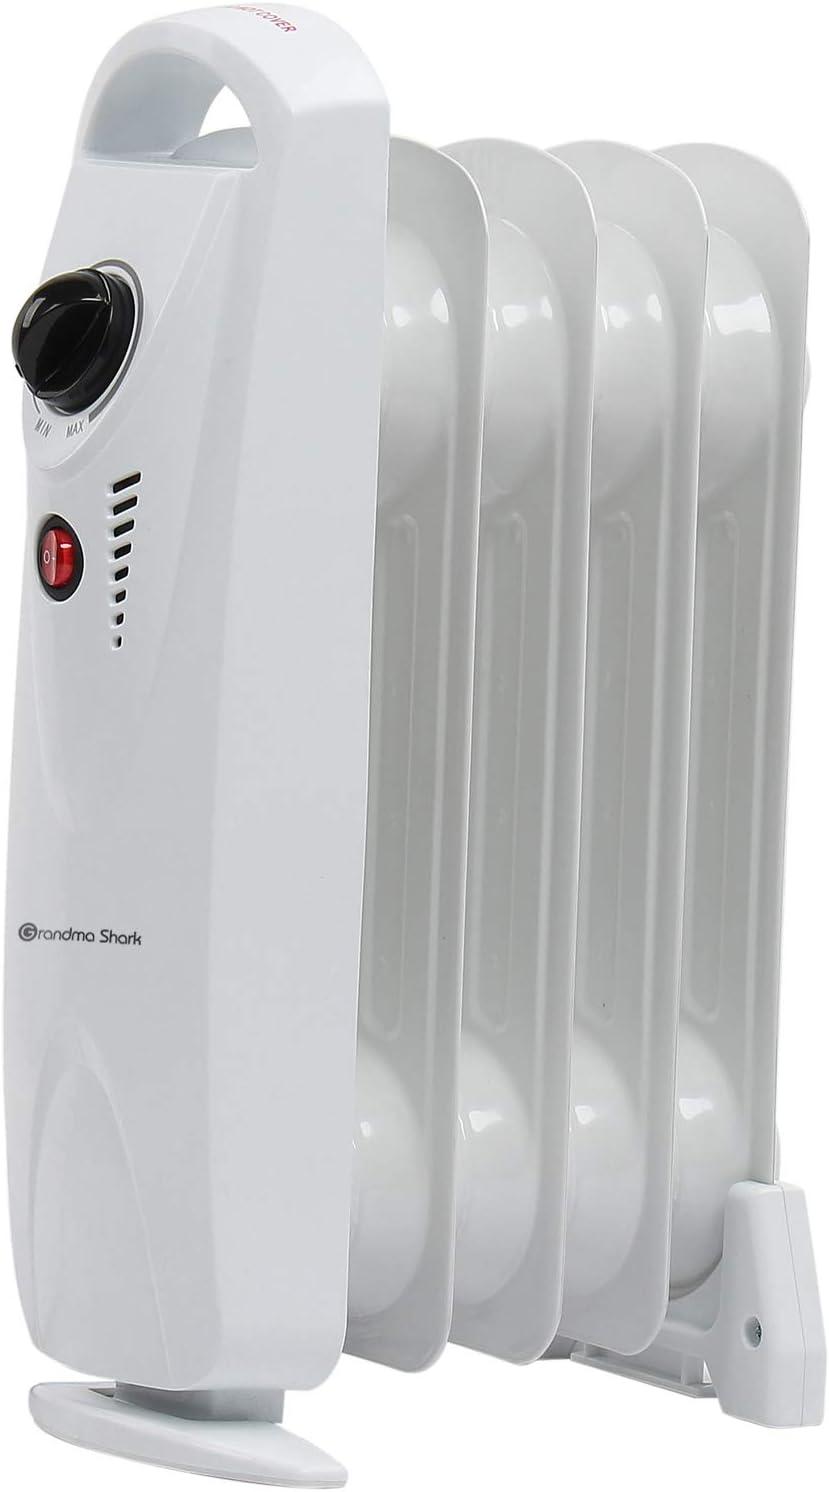 Grandma Shark Radiador de Aceite, Calentador eléctrico portátil con Temperatura Ajustable - Blanco (500W/5Fin)